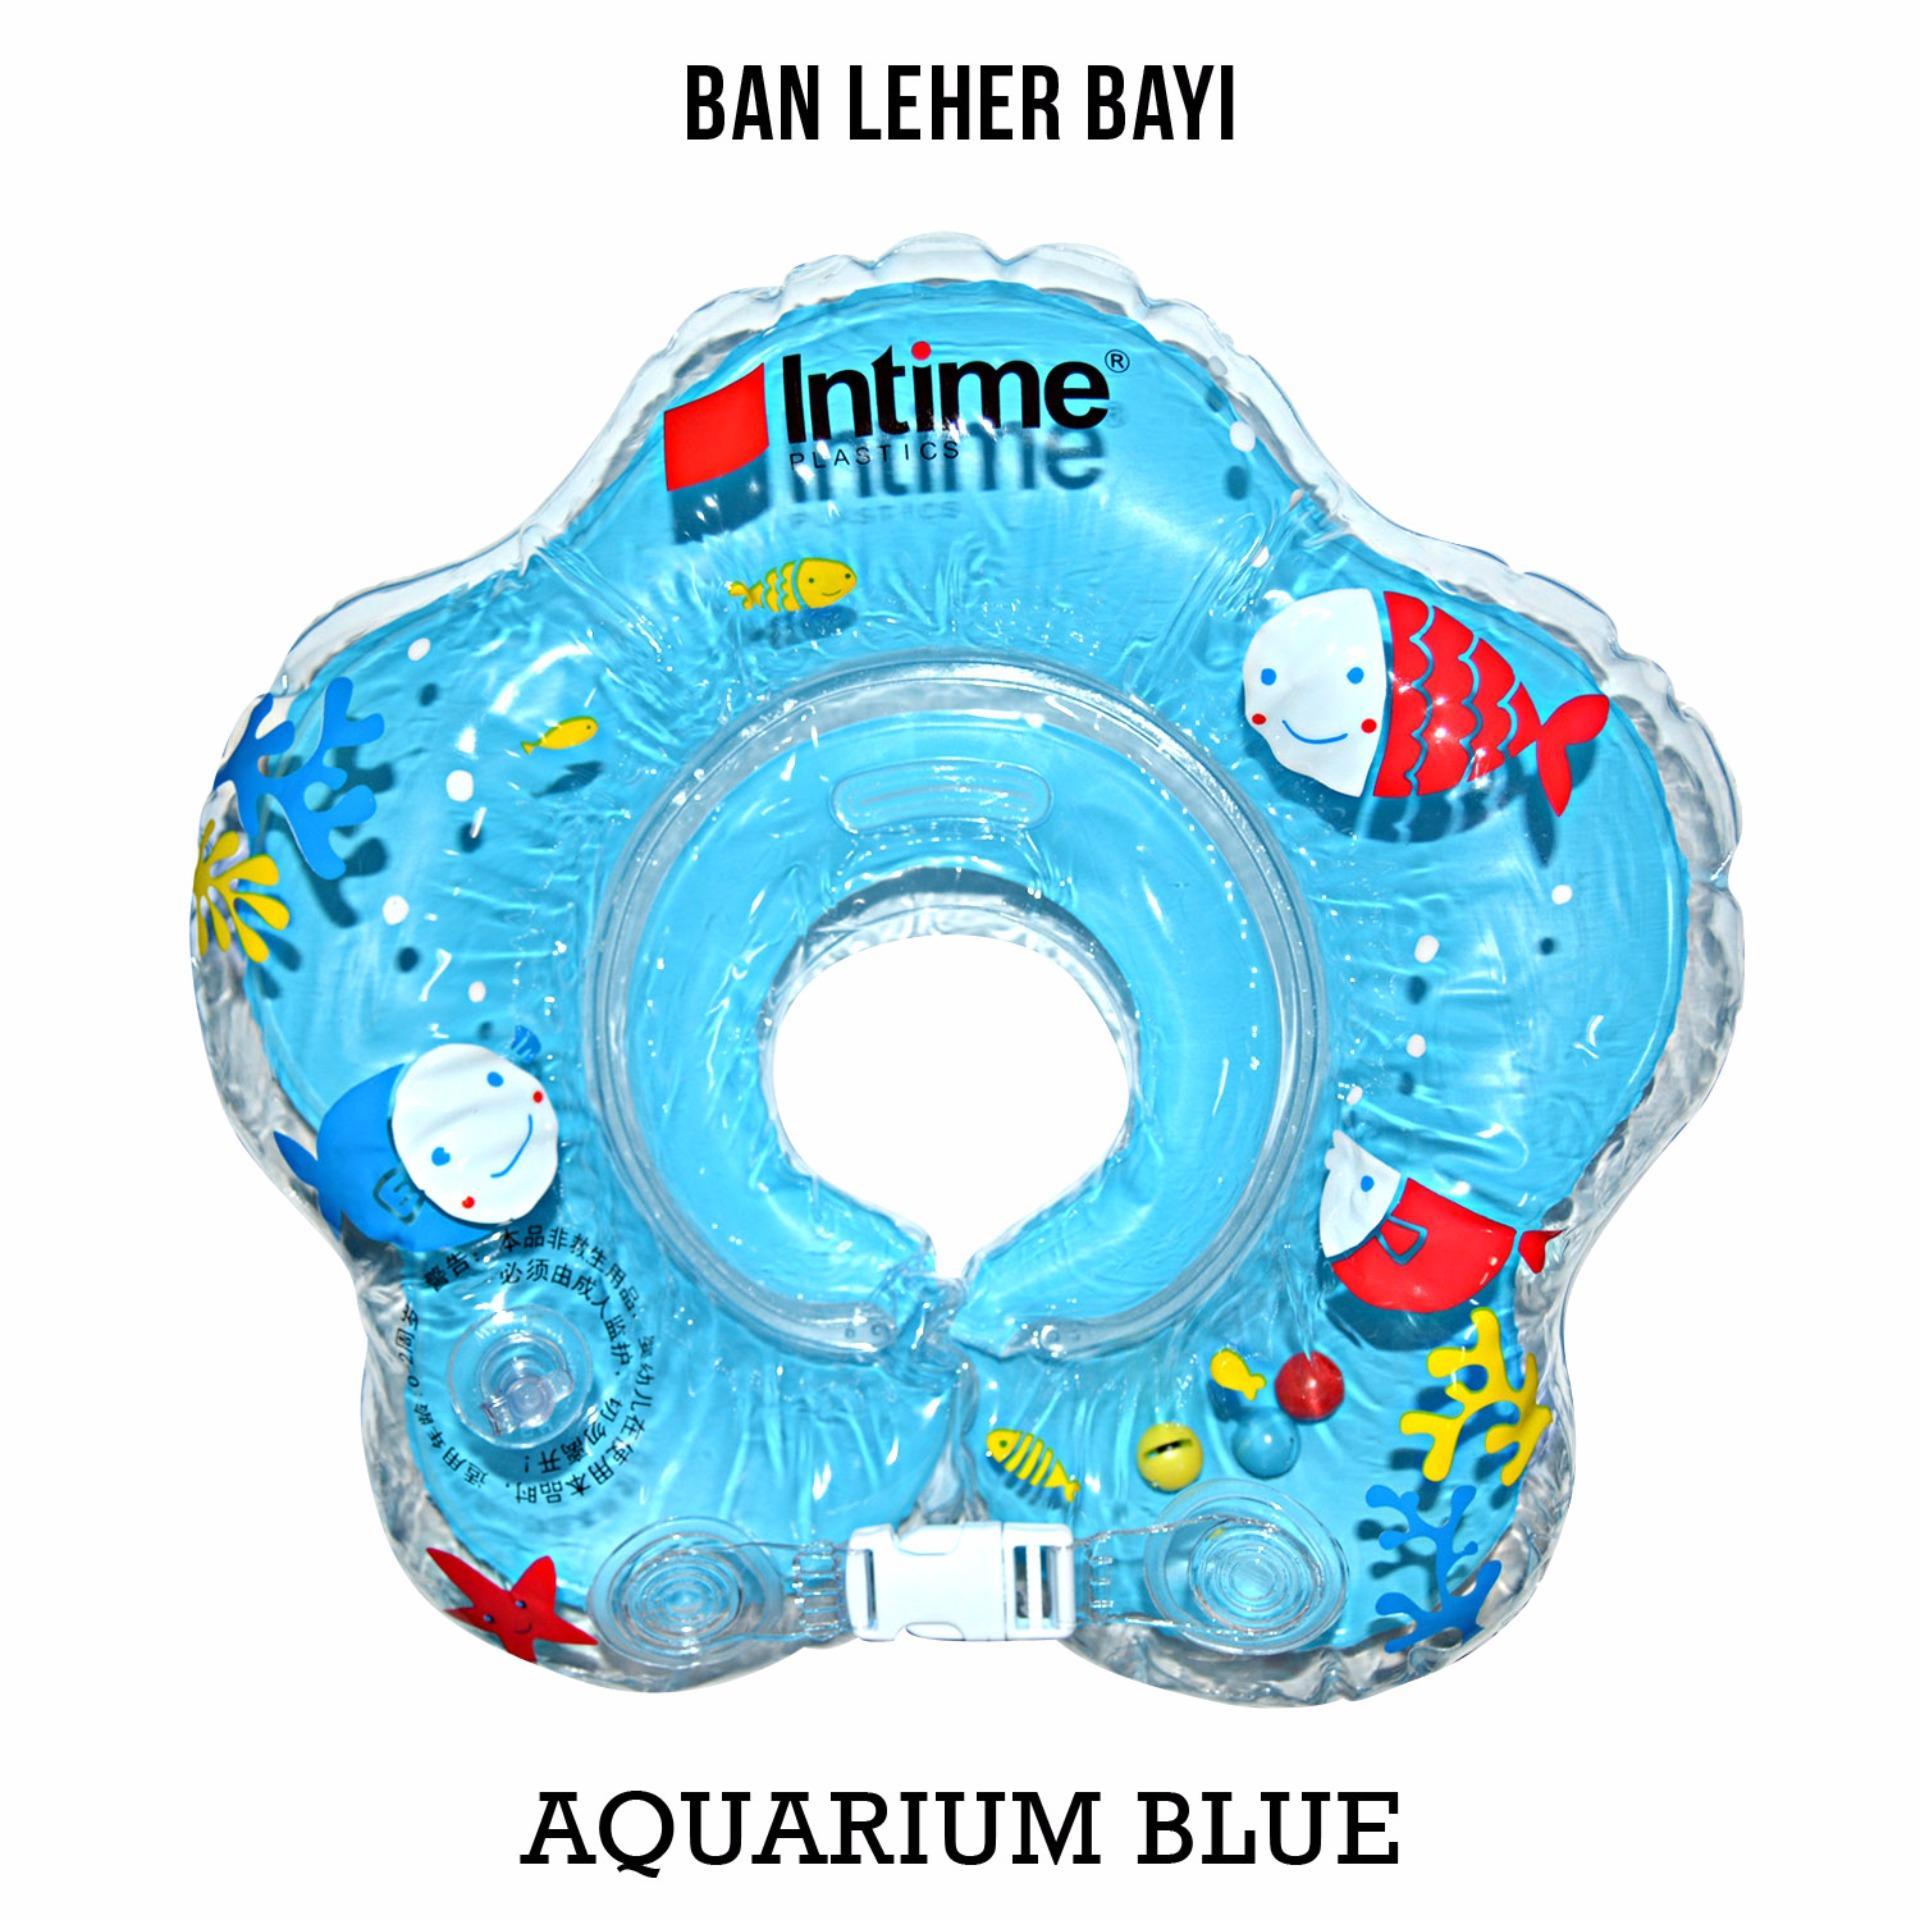 Intime Neckring - Neck Ring Pelampung Ban Leher Bayi - Motif Blue Aquarium